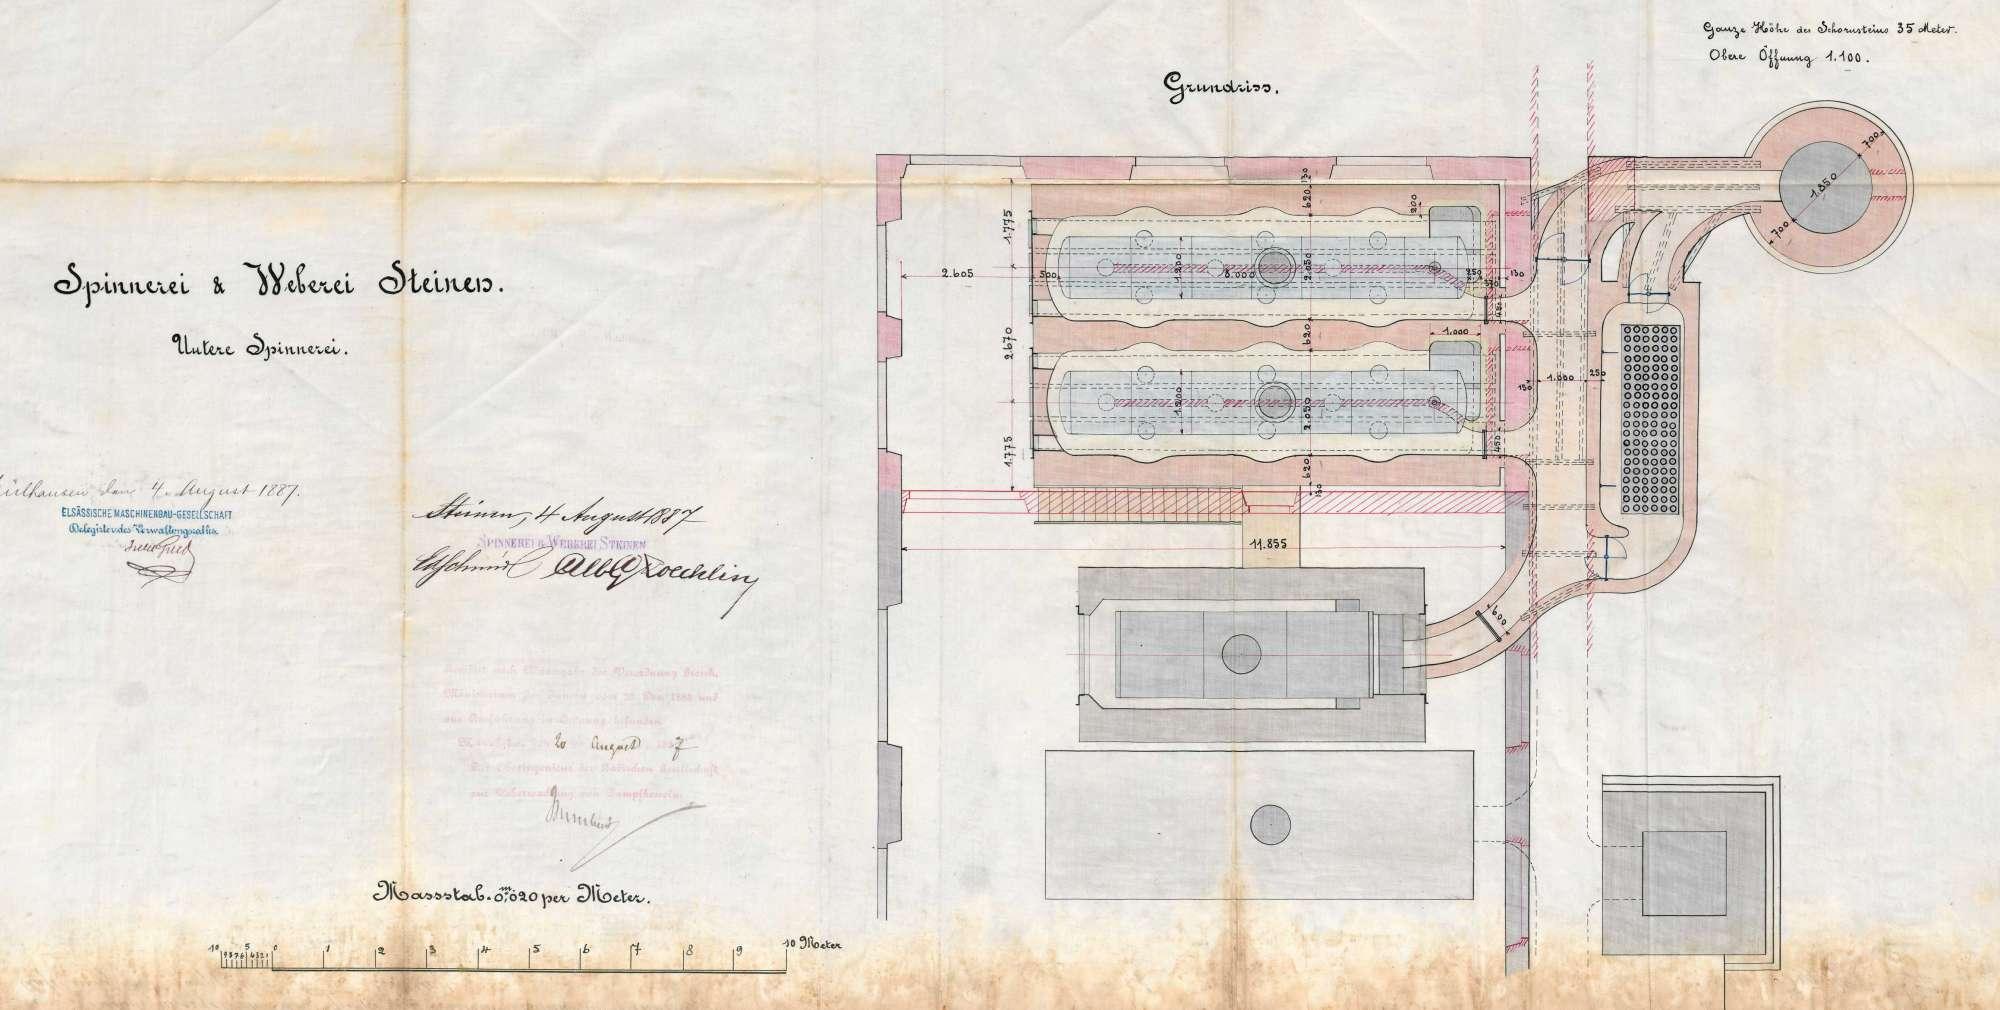 Gesuch der Spinnerei und Weberei Steinen AG um Erlaubnis zur Anlegung zweier Dampfkessel, Bild 3